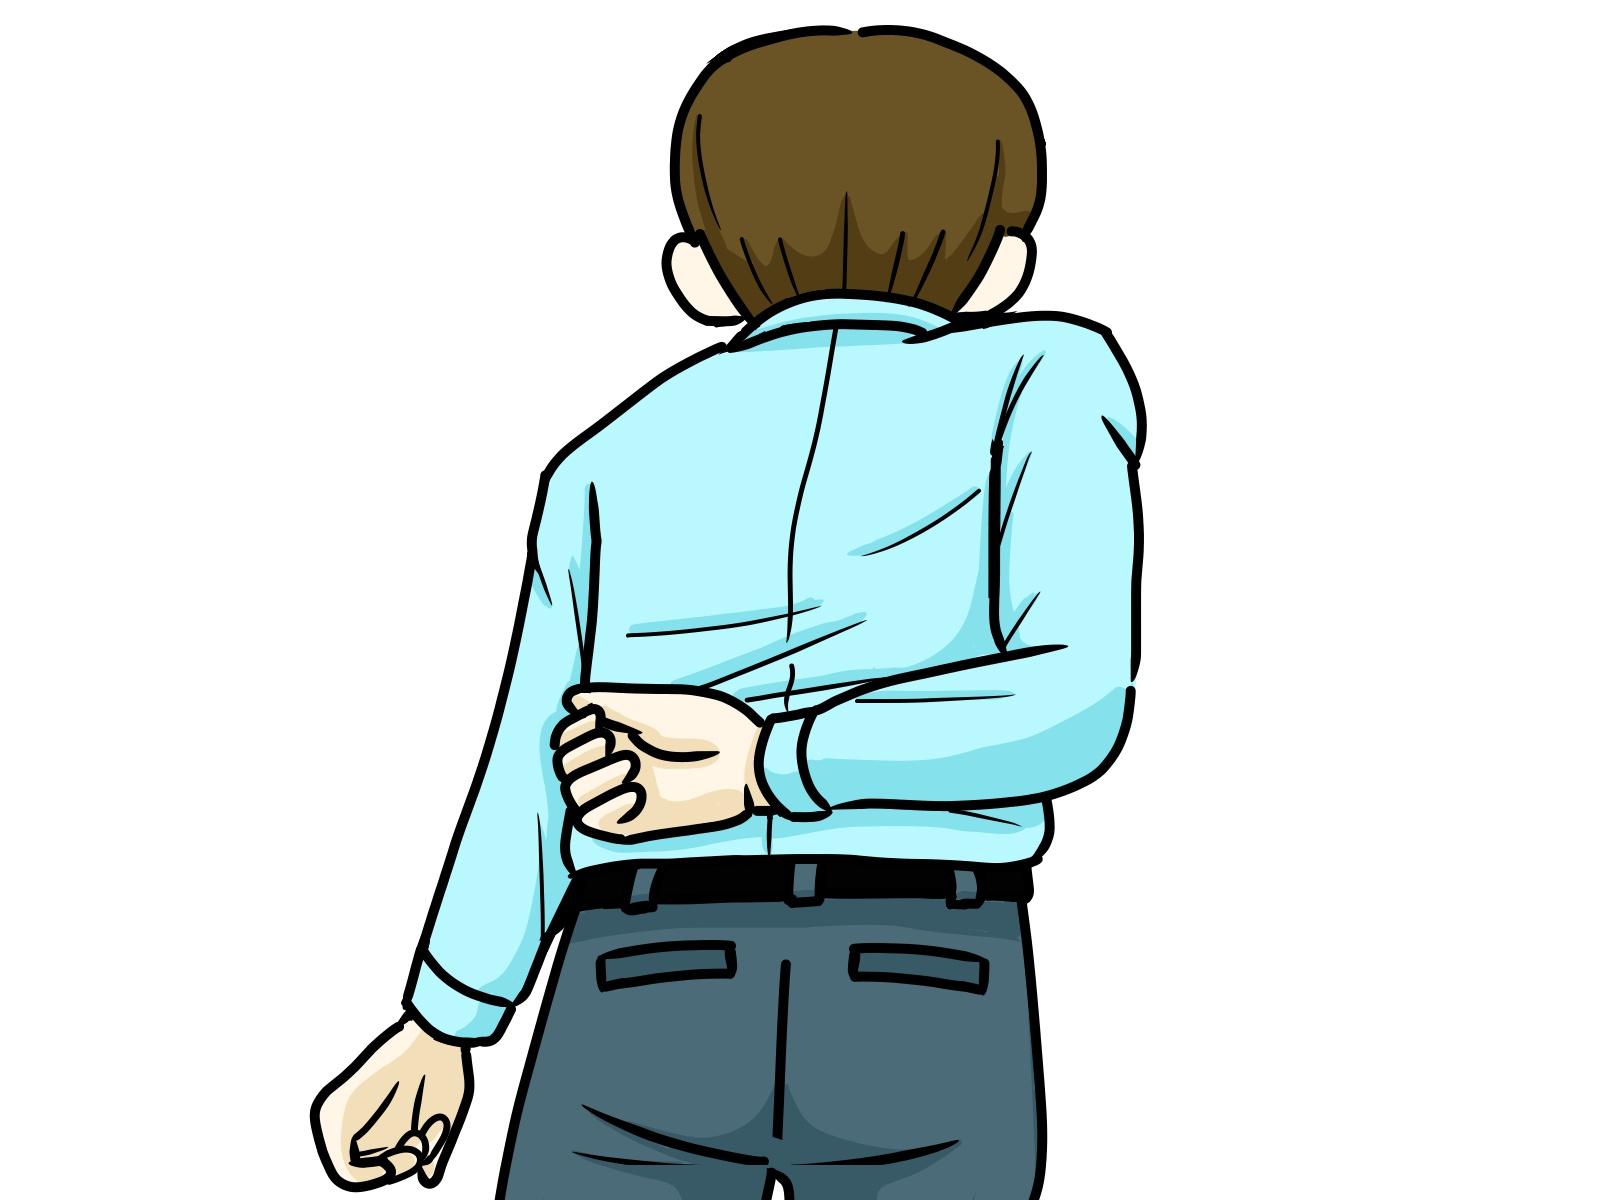 慢性化する腰痛